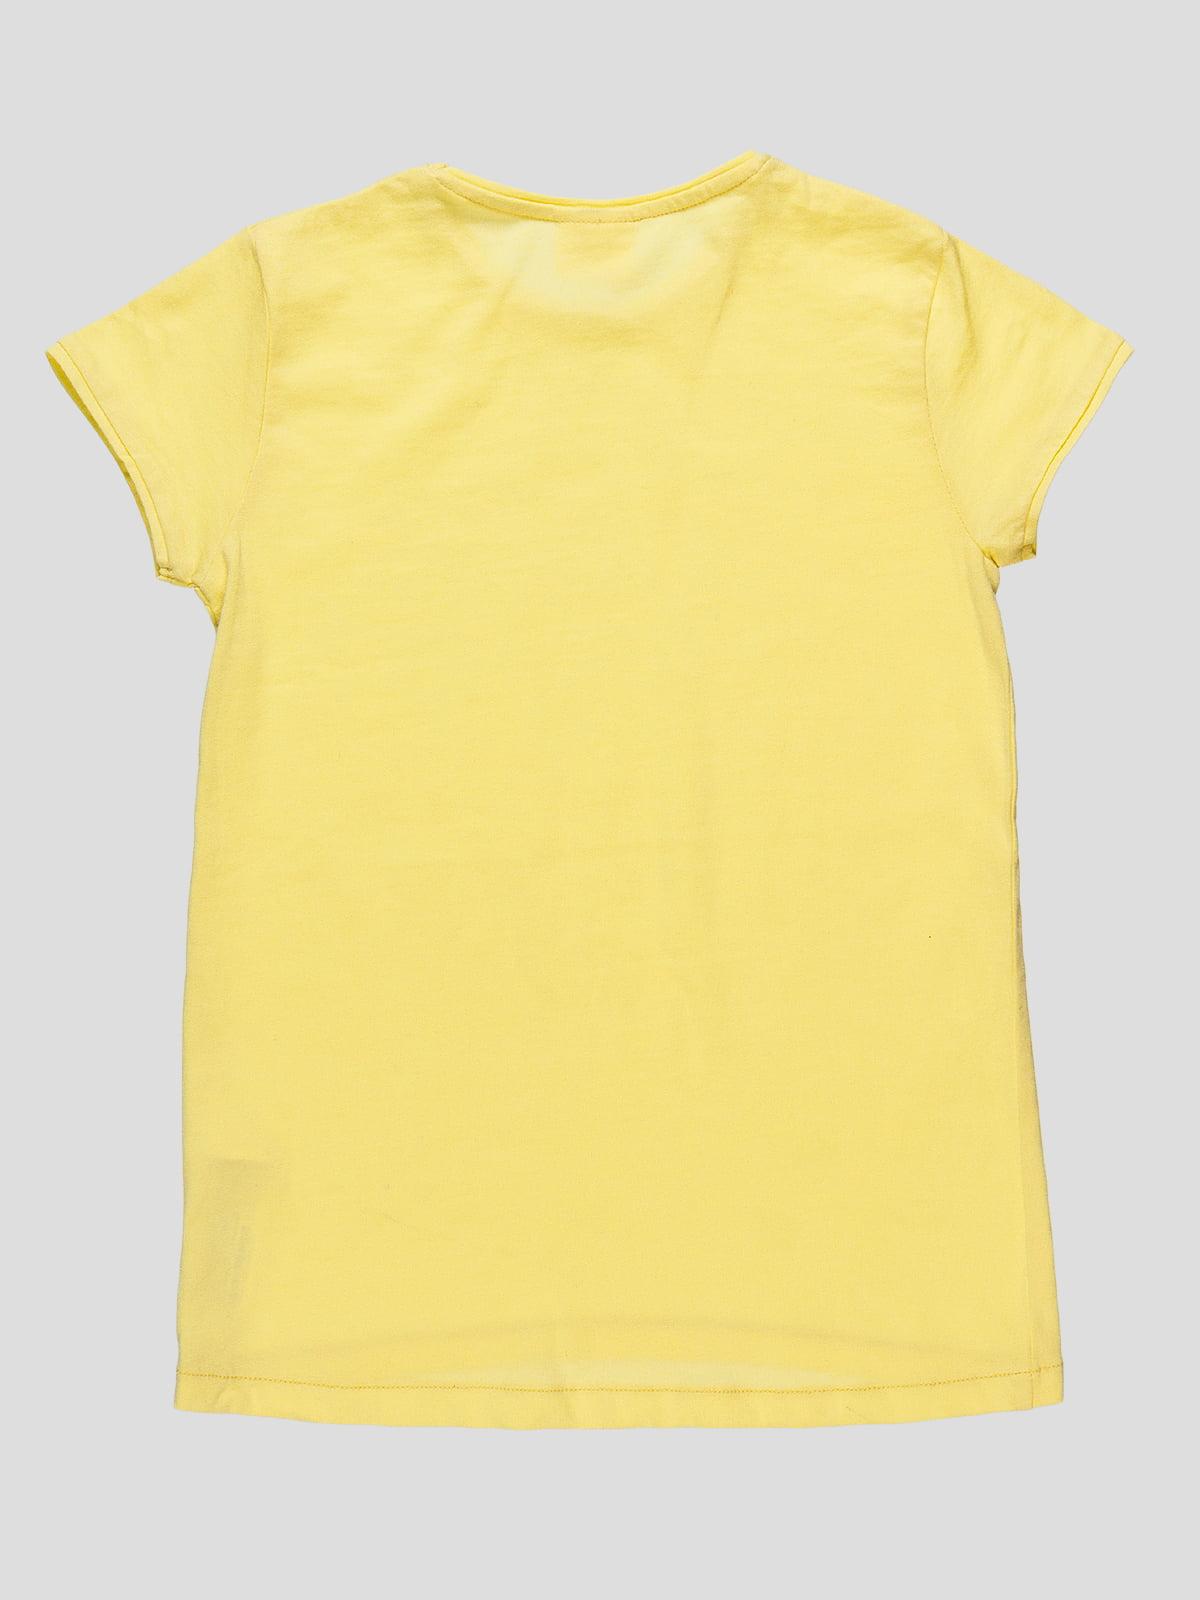 Футболка желтая | 4506854 | фото 2